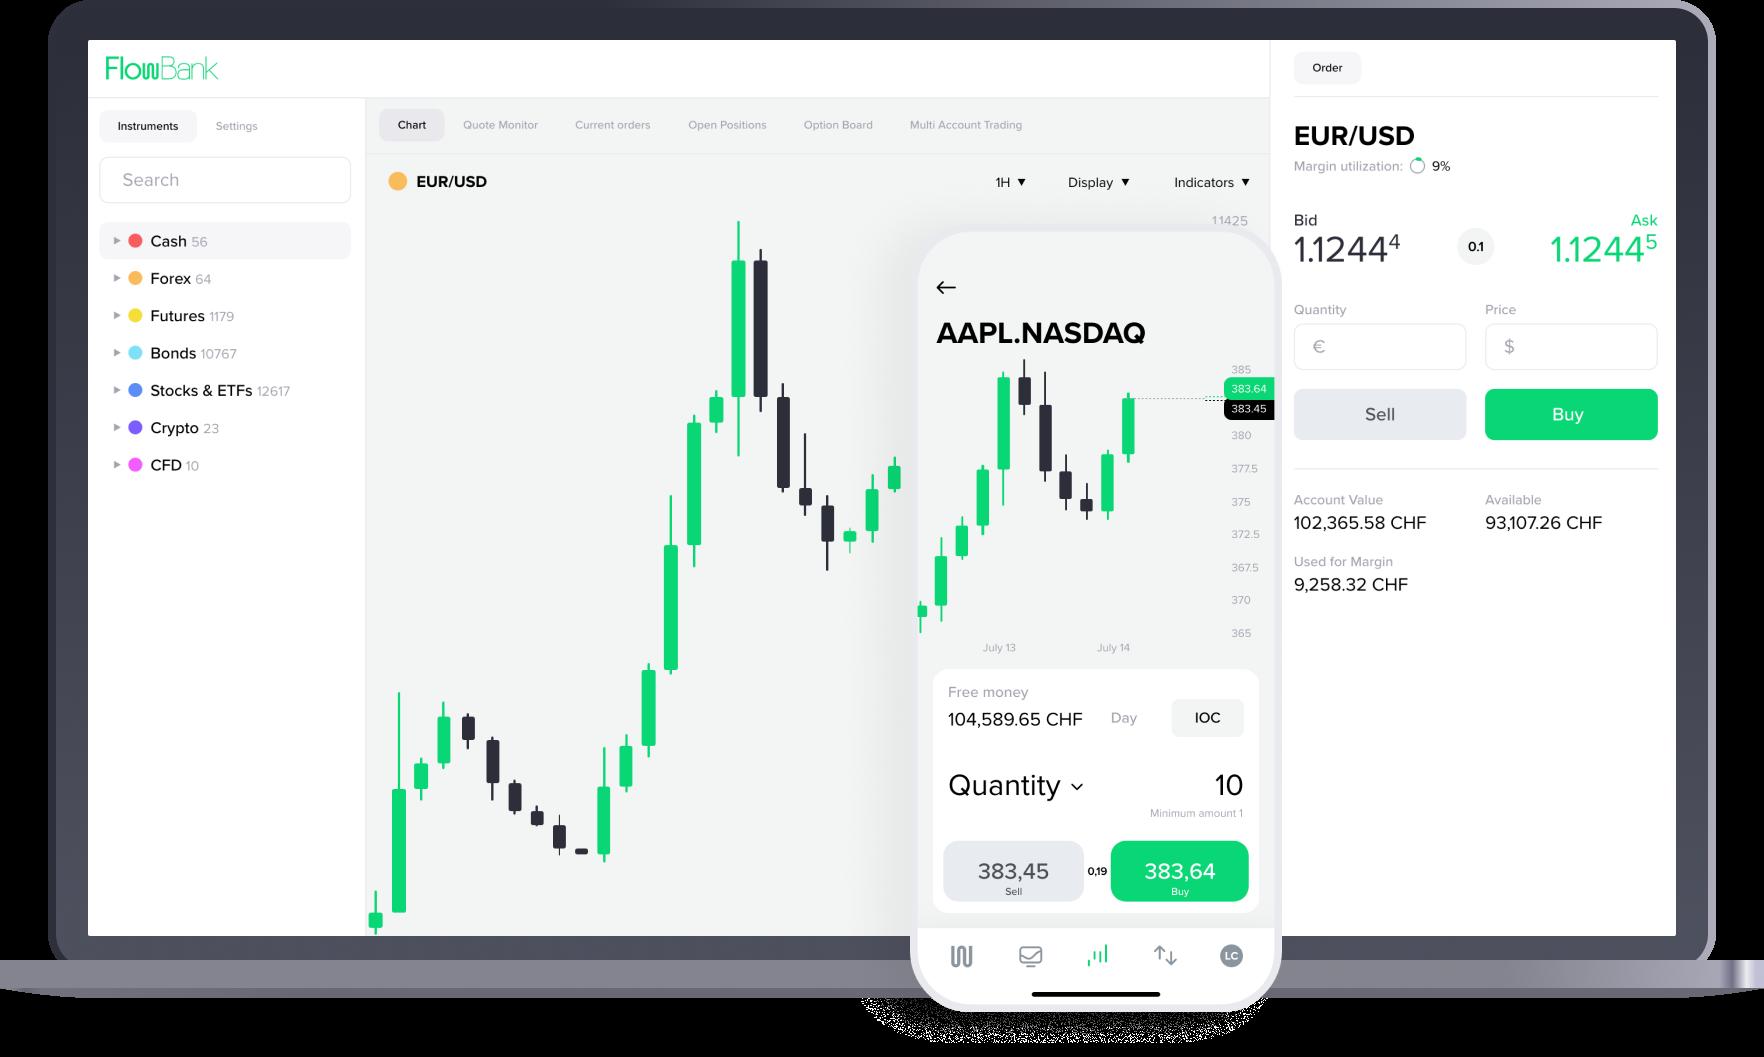 flowbank-extrawide-platform